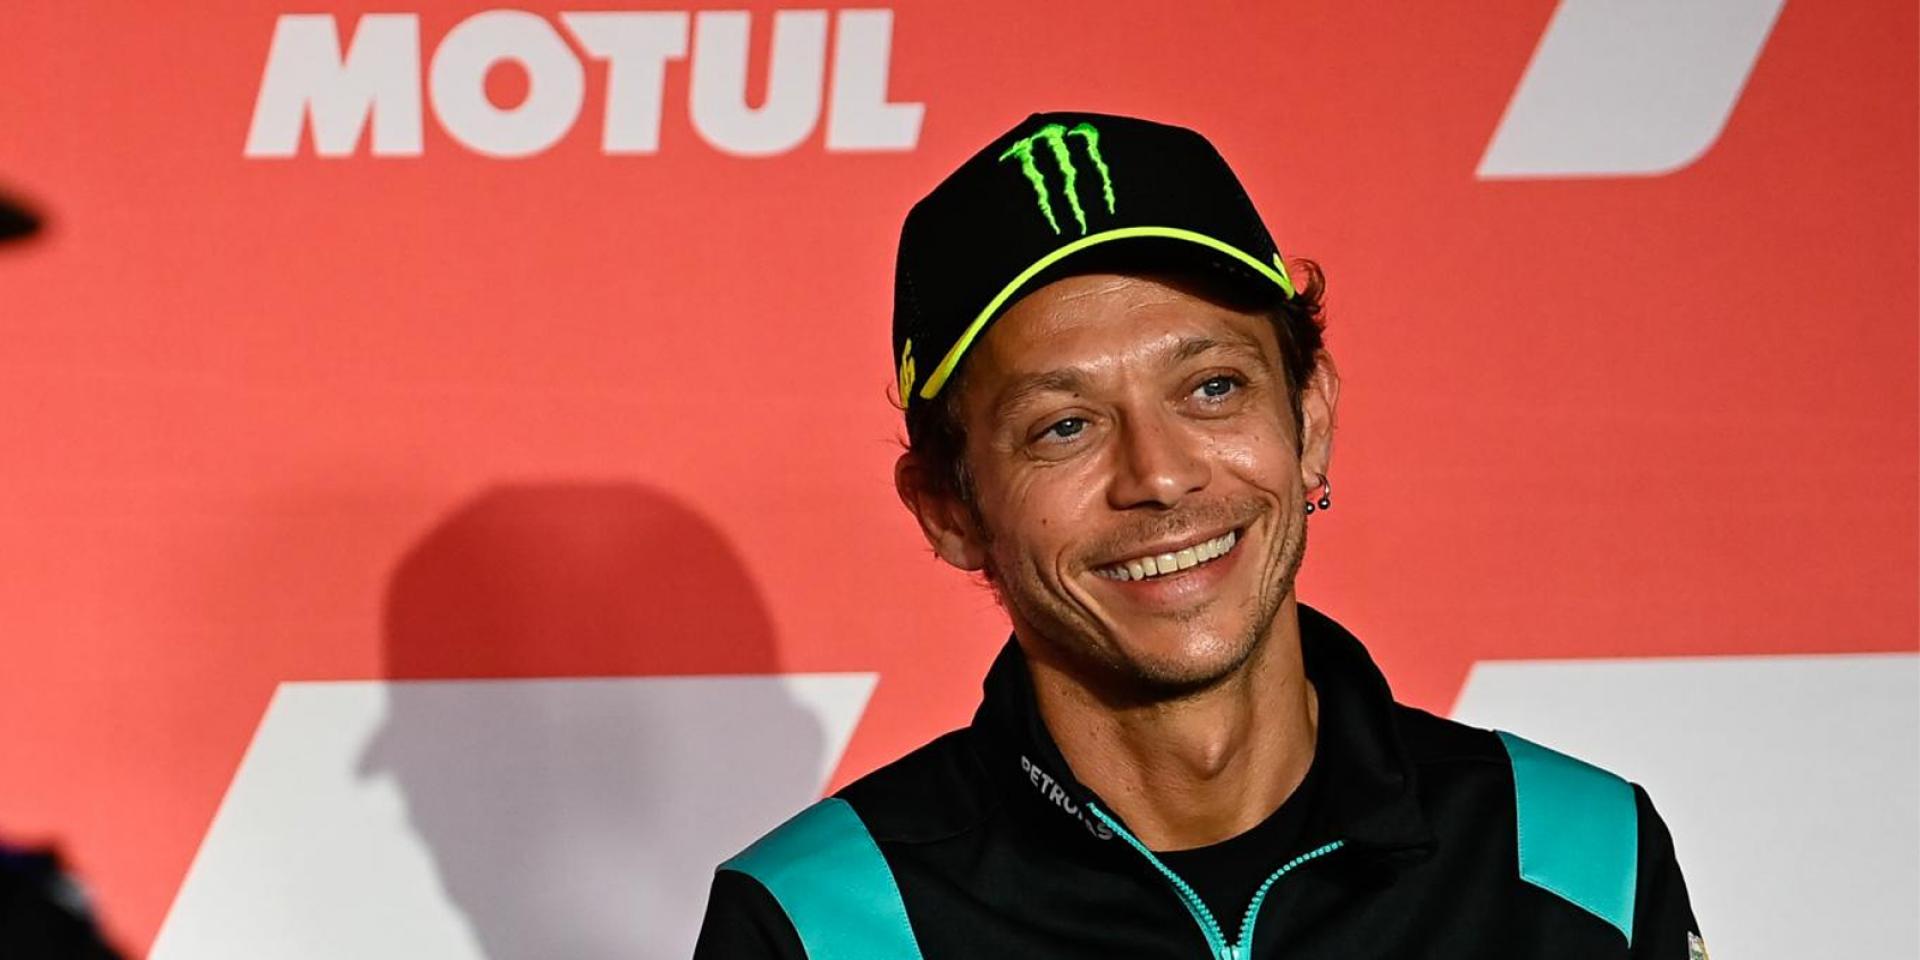 明年轉戰自家車隊繼續跑?Valentino Rossi:我認為這很困難!